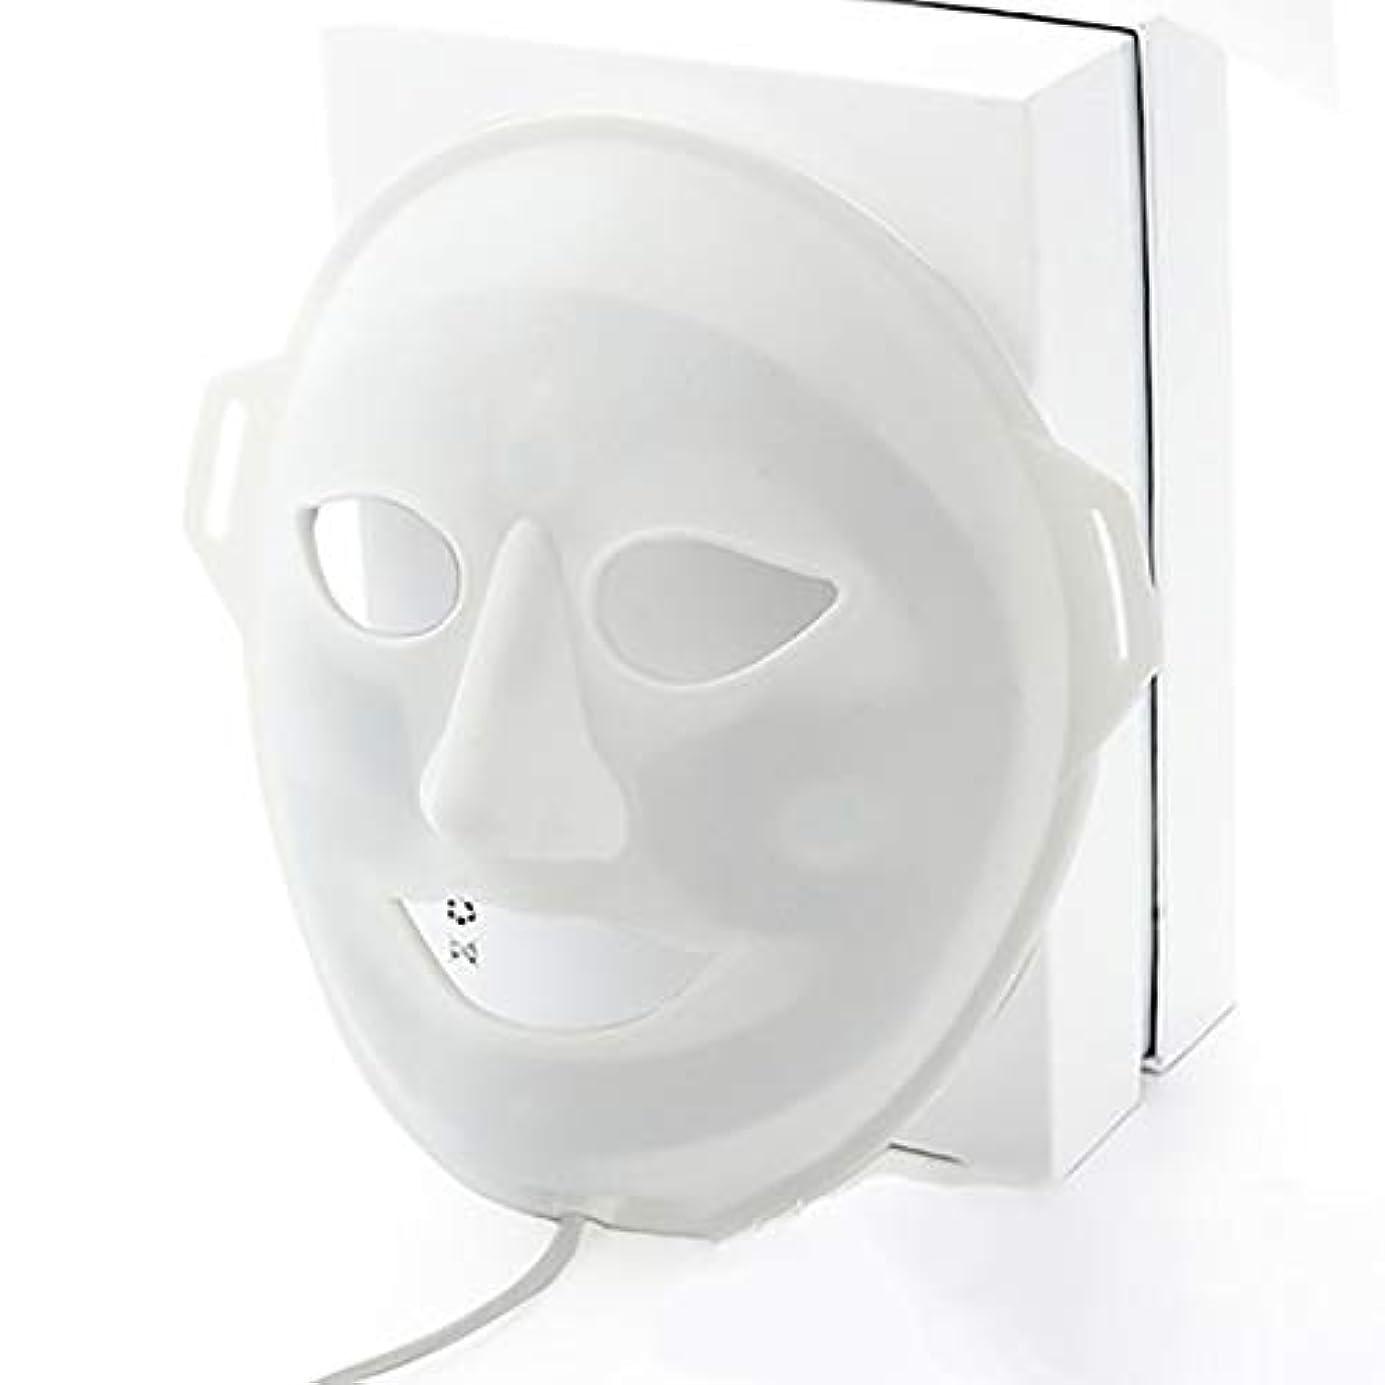 ドアミラーさびた未払いLED光子美容マスク、抗にきびしわ除去療法、保湿輝く顔色ホワイトニングマスク